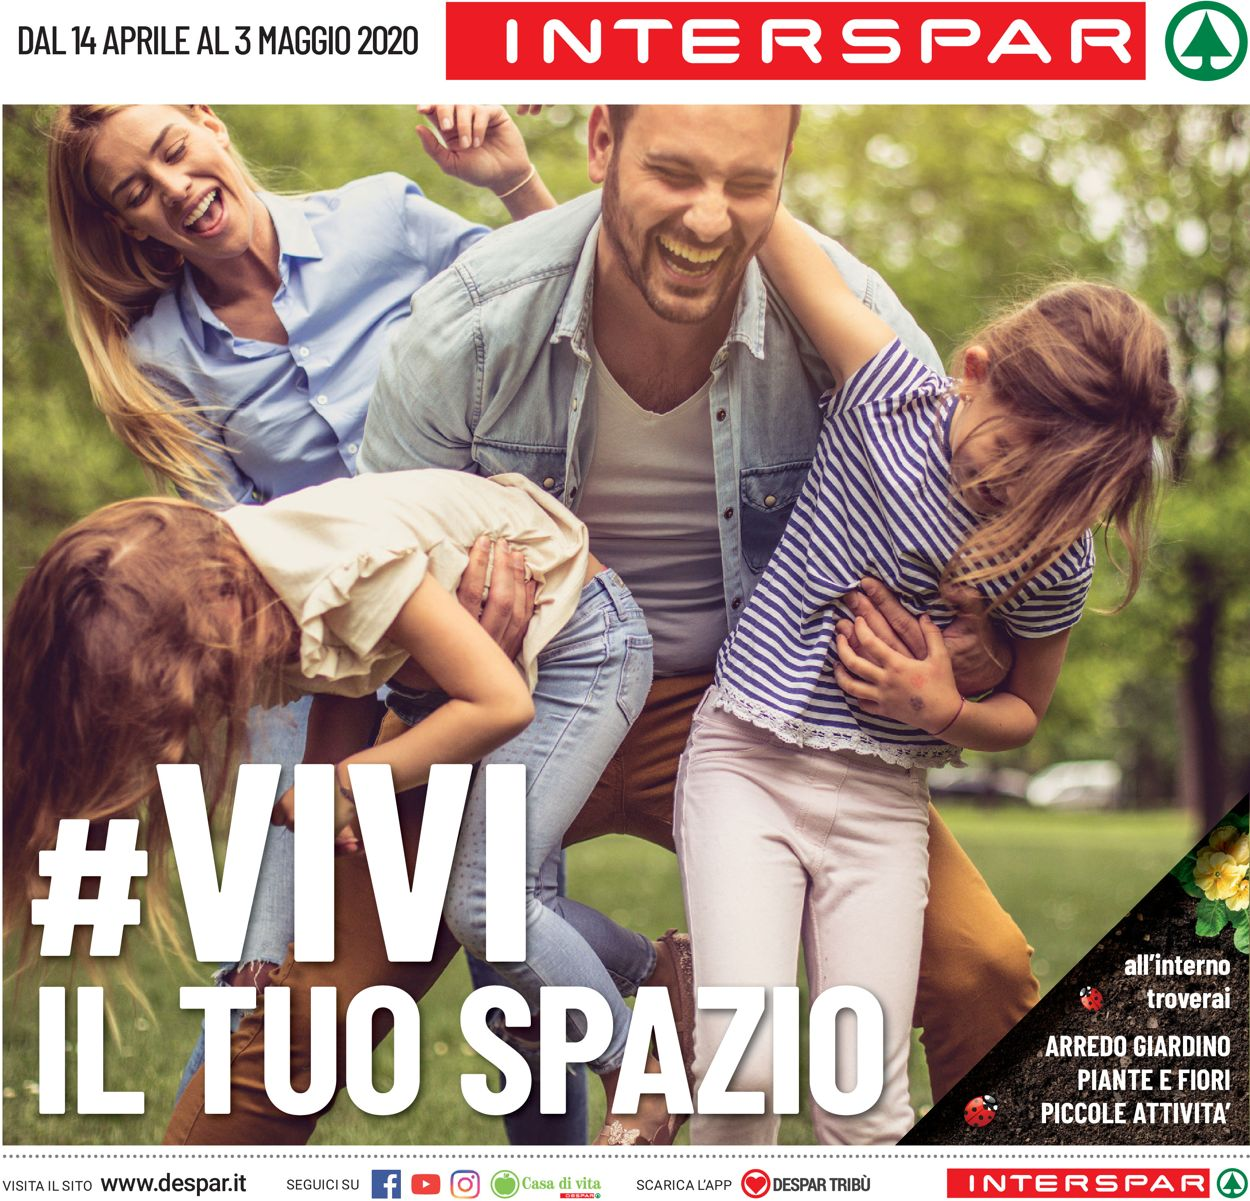 Volantino Eurospar - Offerte 14/04-03/05/2020